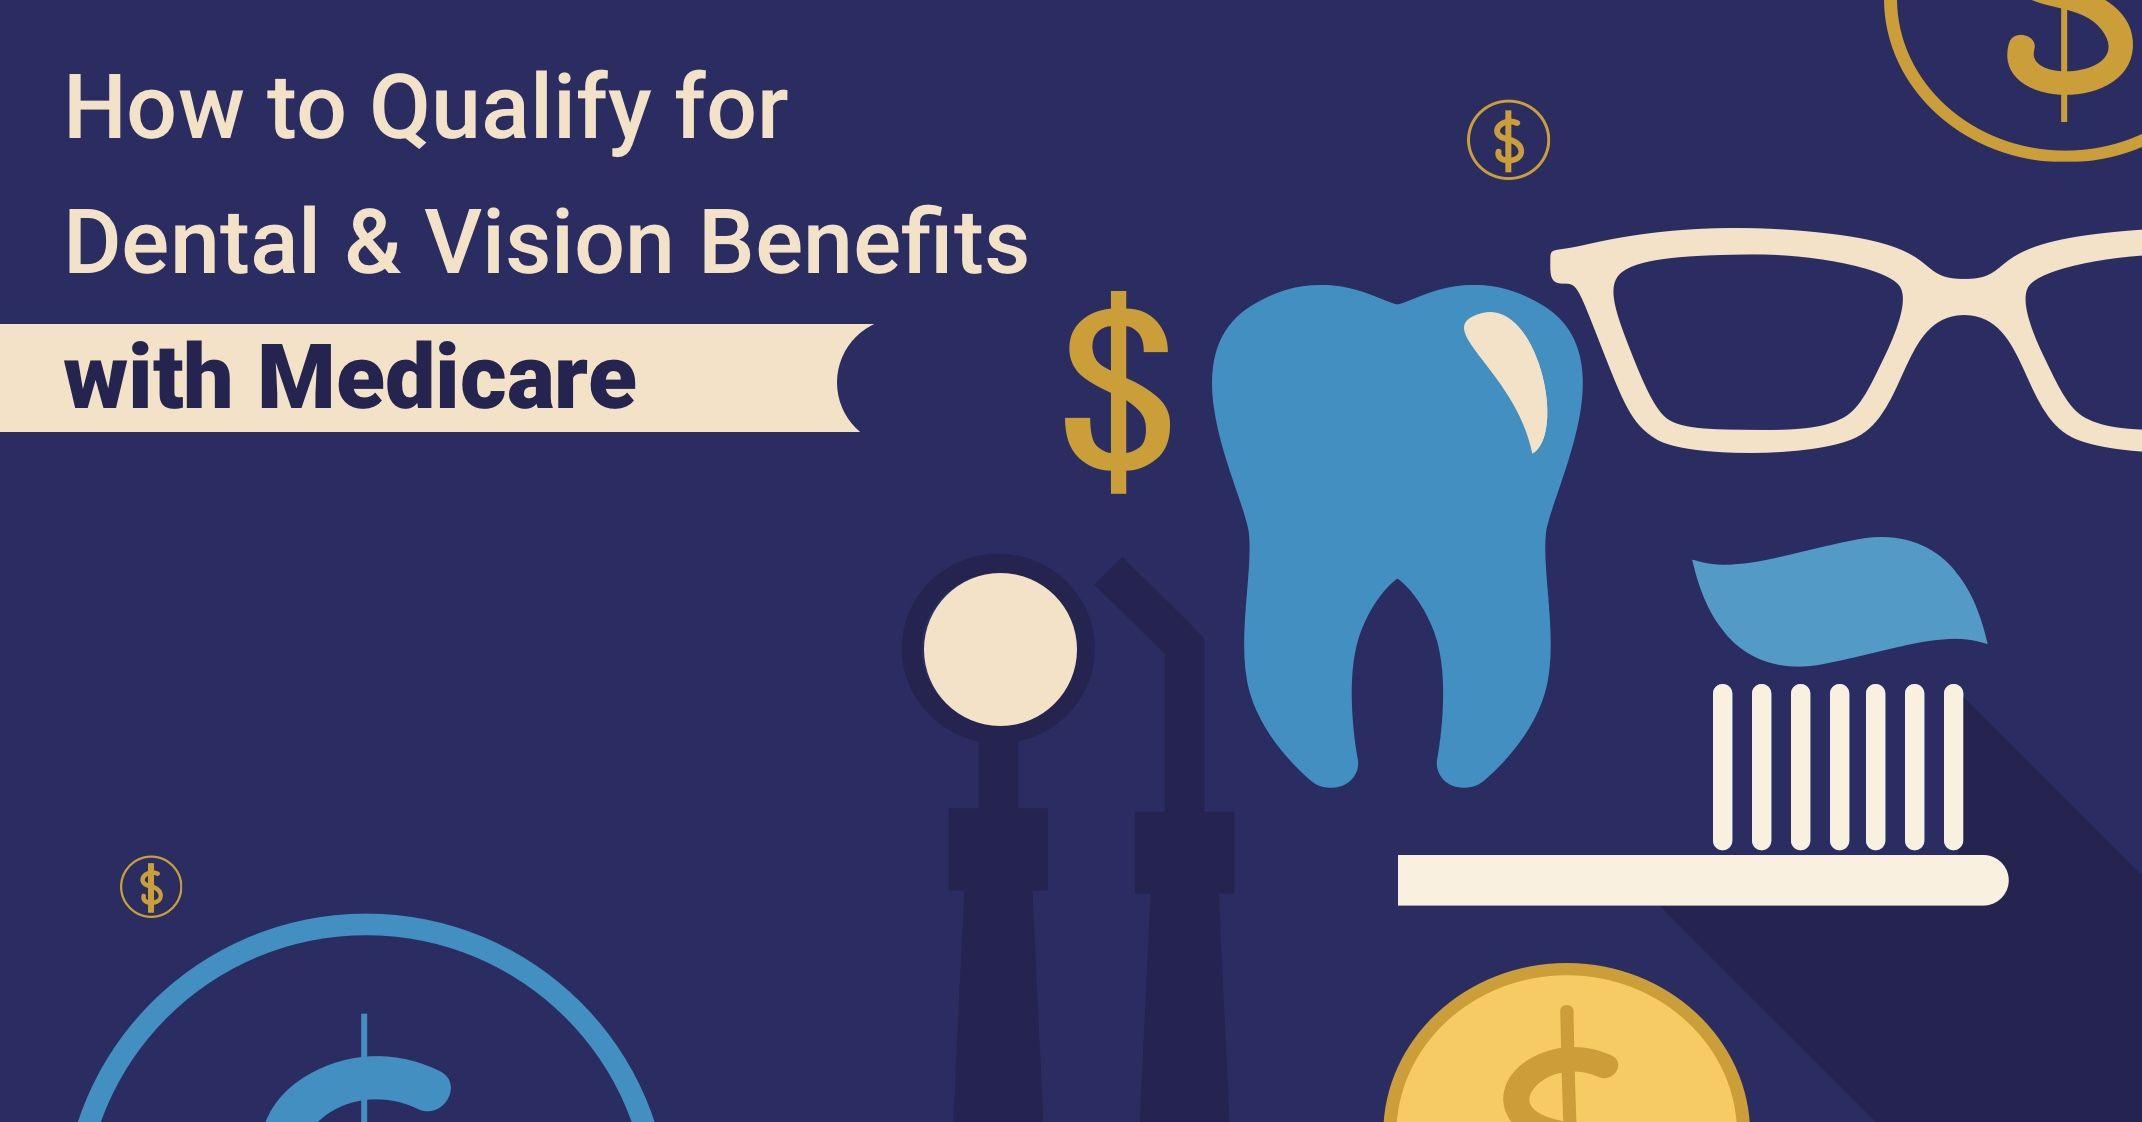 Medicare Vision & Dental Plans You Qualify For Dental